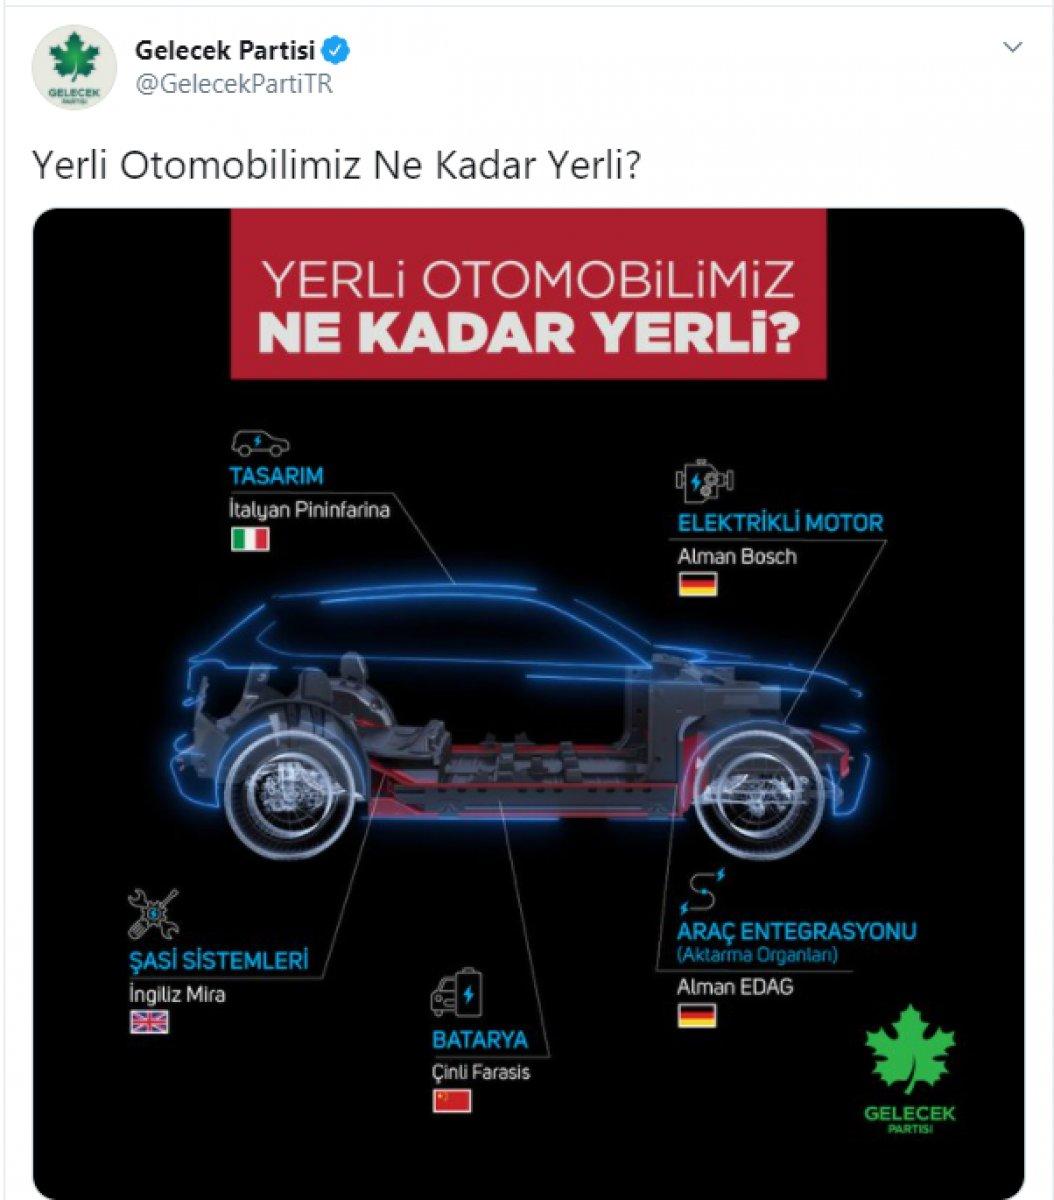 Gelecek Partisi'nin hedefinde yerli otomobil var #2